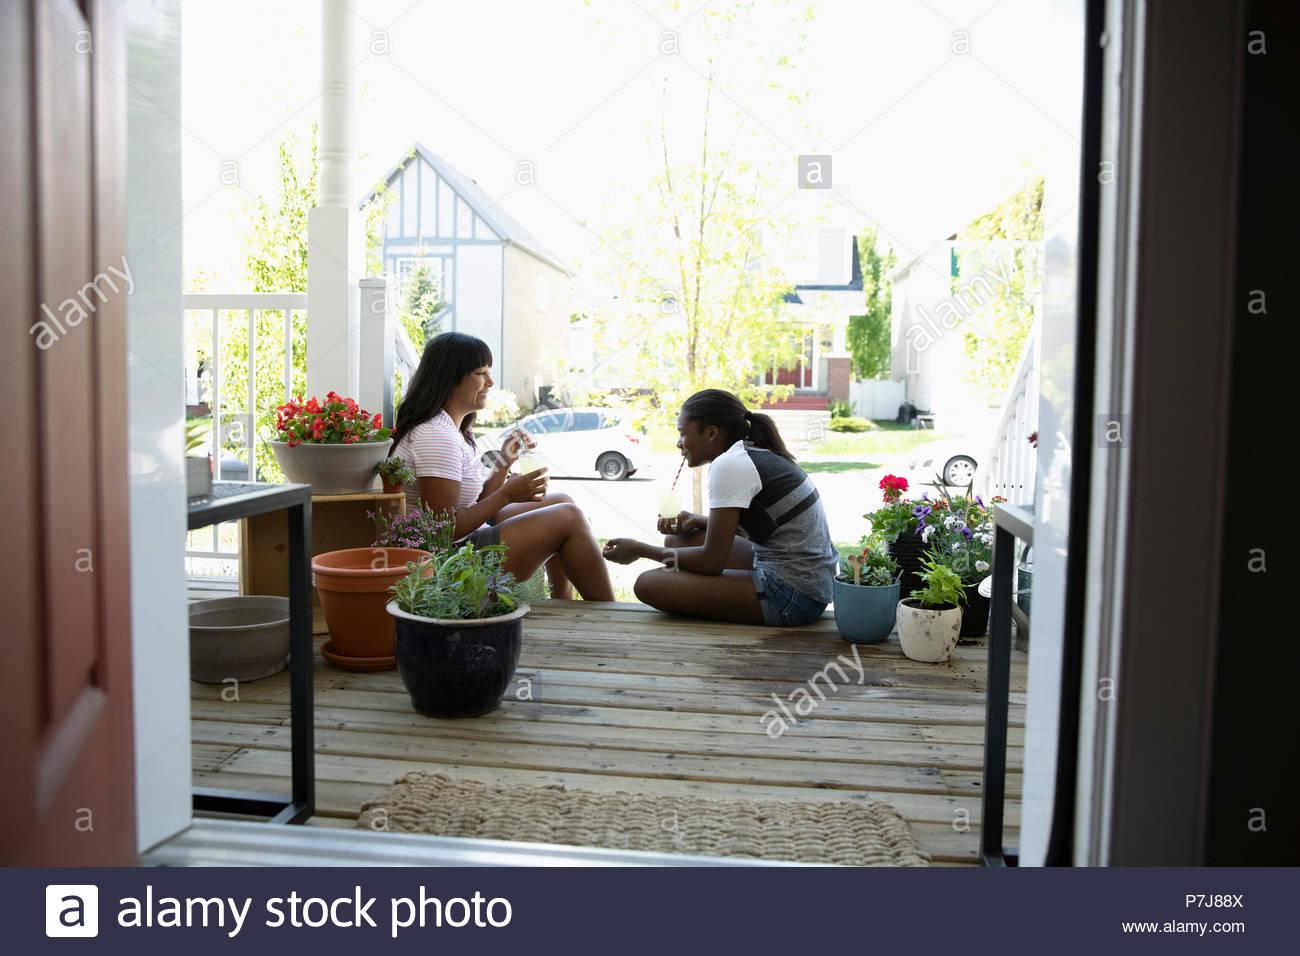 Mutter und Tochter Bonding, Reden und Blumen Pflanzen auf der Vorderseite stoop Stockbild